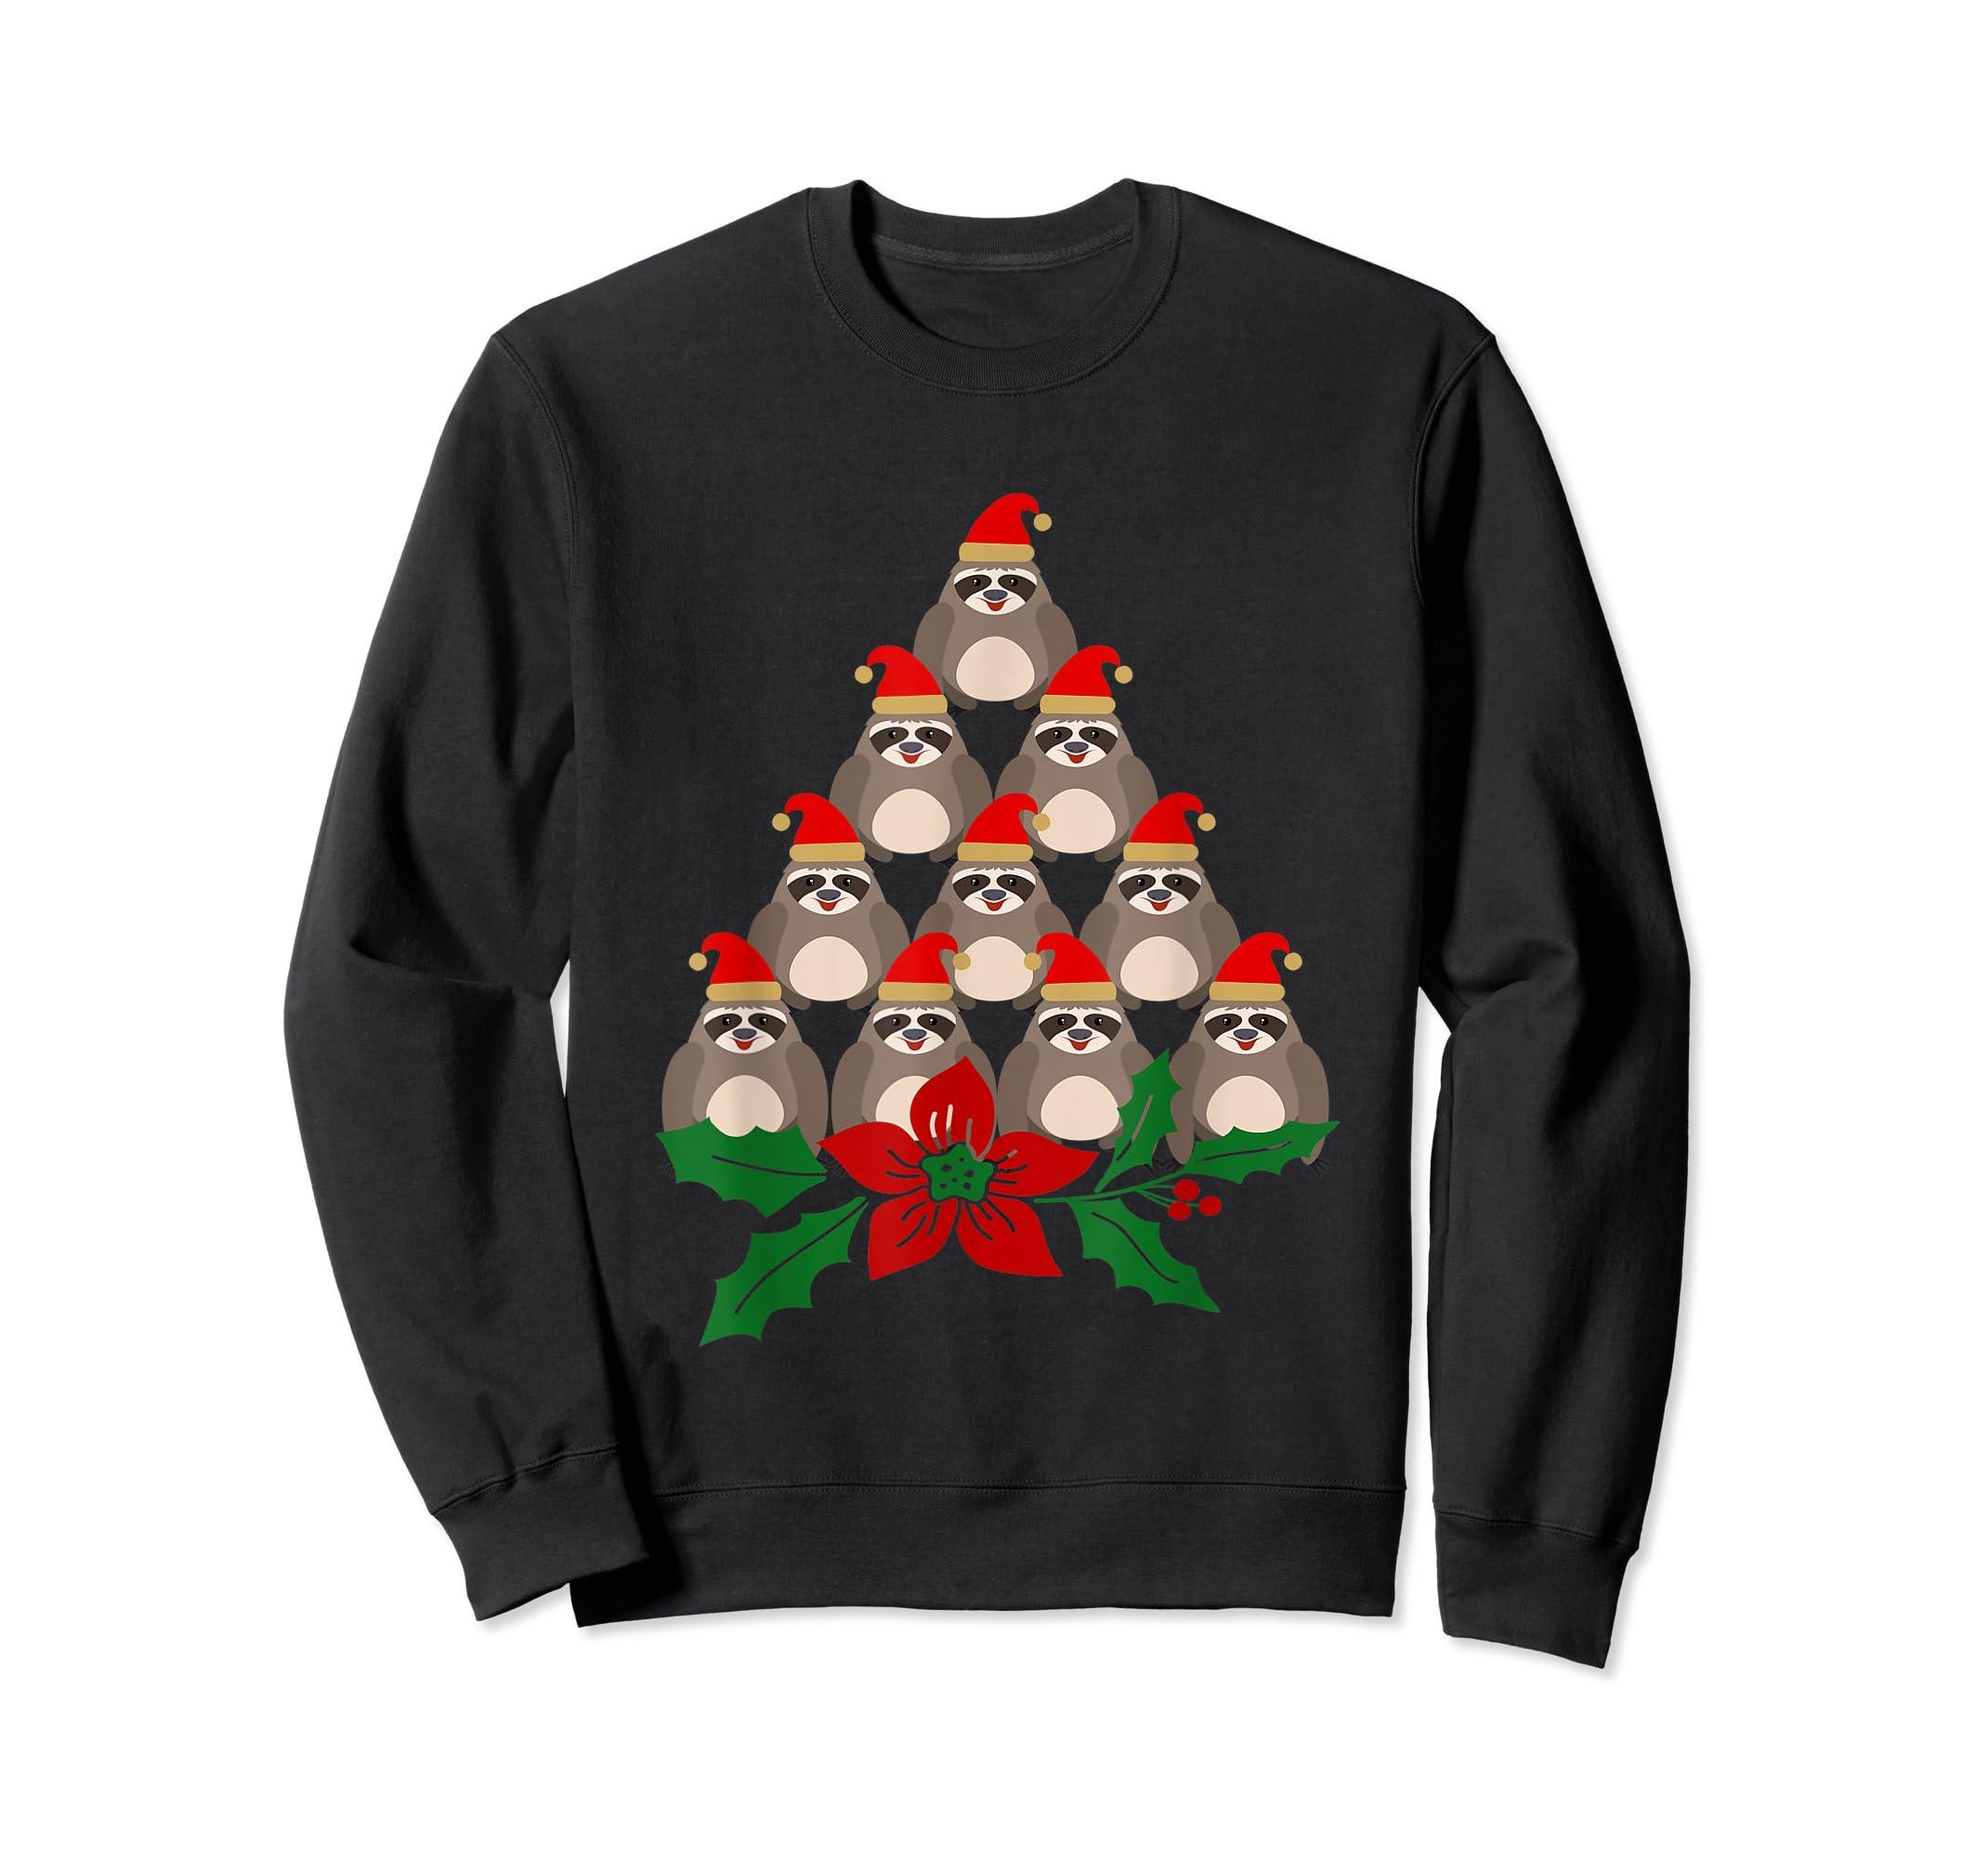 Sloth Christmas Tree Xmas Lover T-Shirt-Sweatshirt-Black